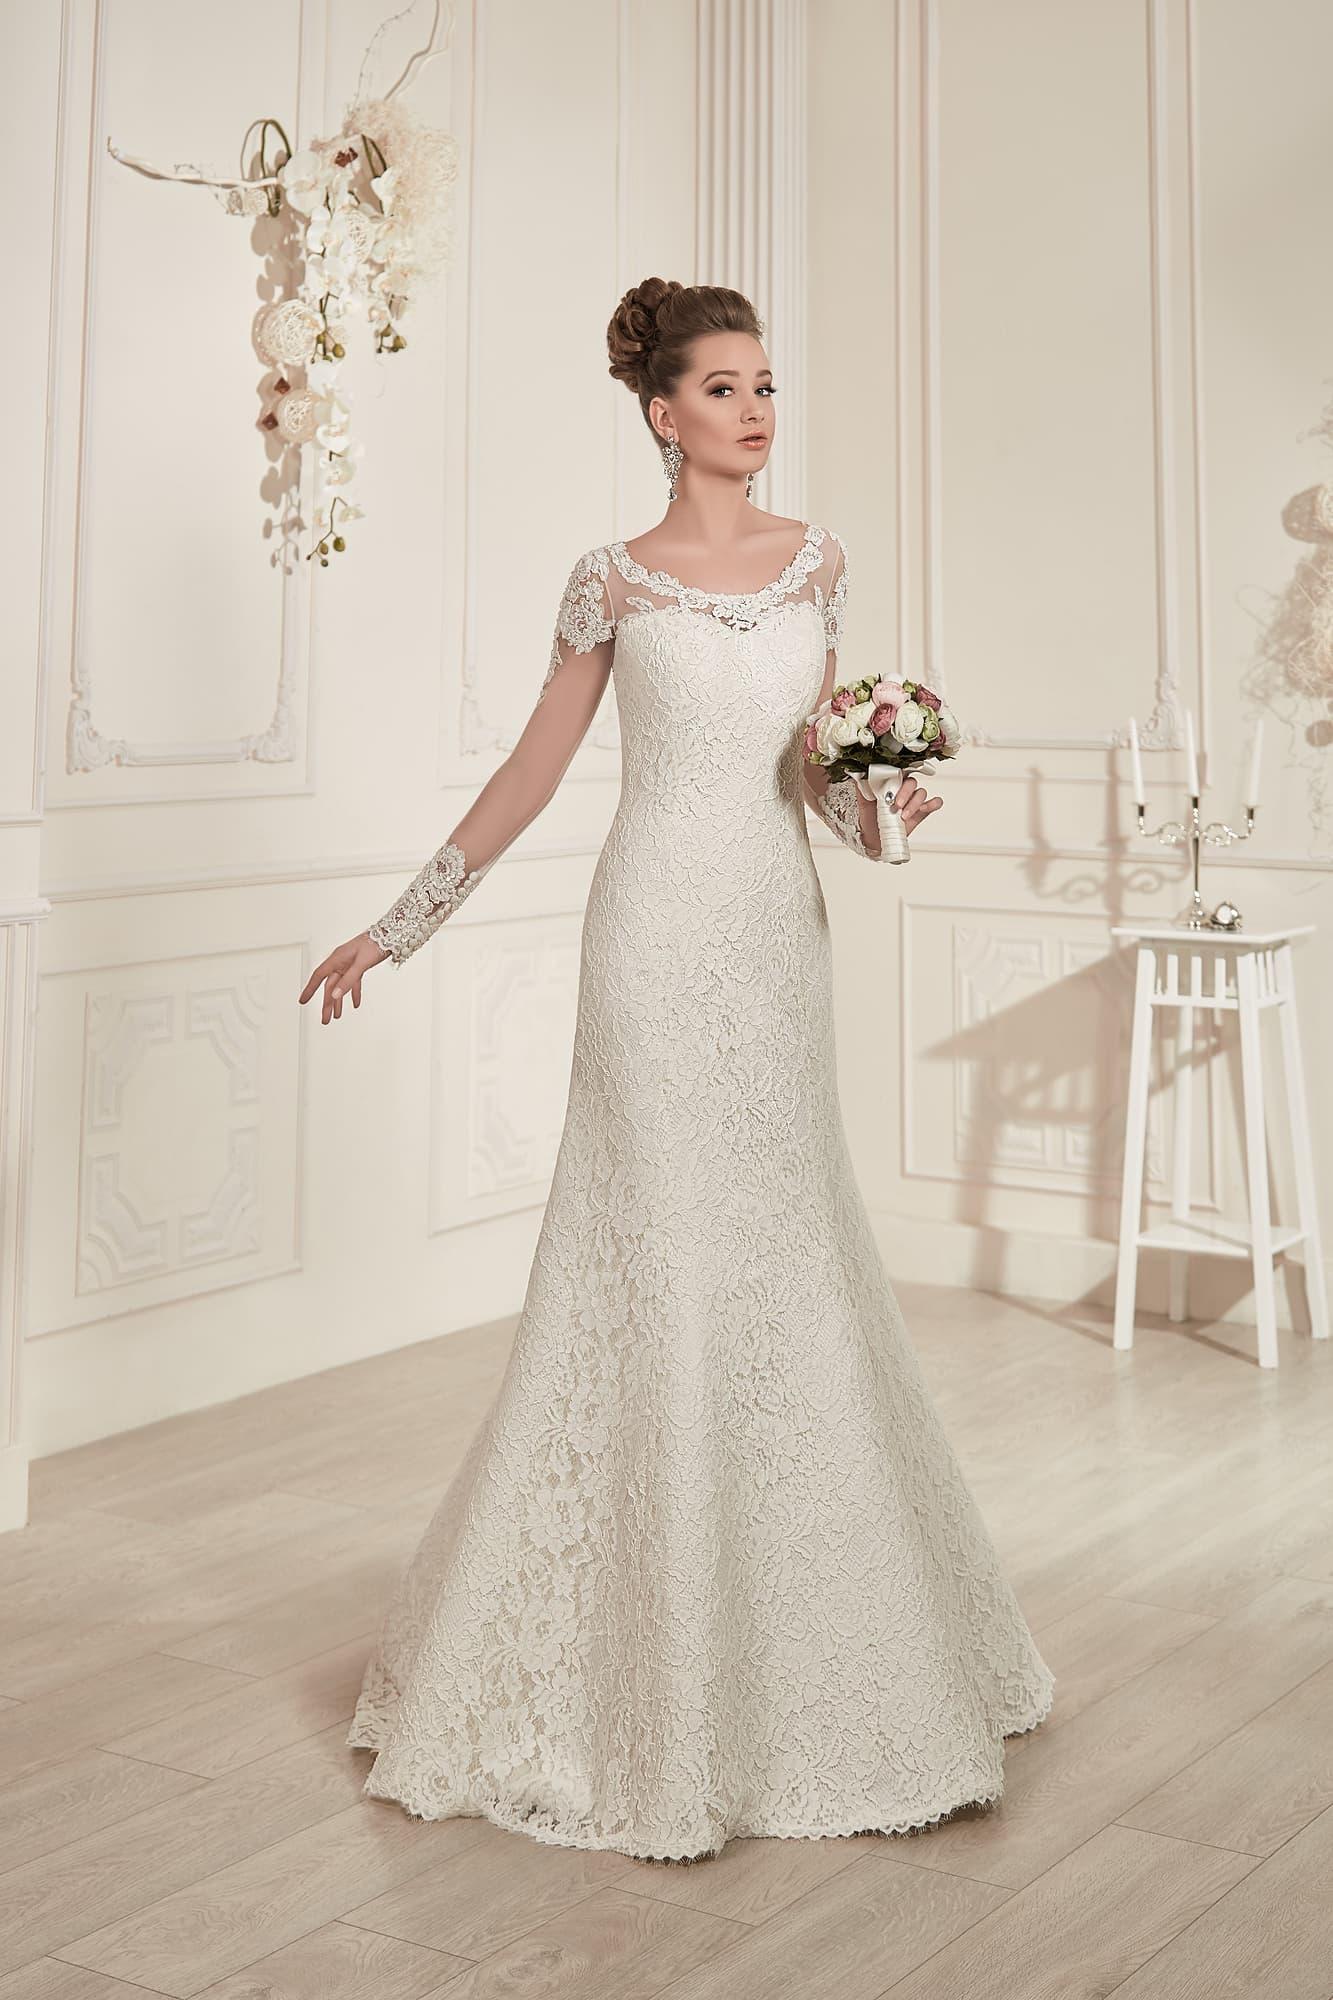 e5ec0364d10bb0d Прямое свадебное платье с округлым вырезом и крупным рисунком кружева.